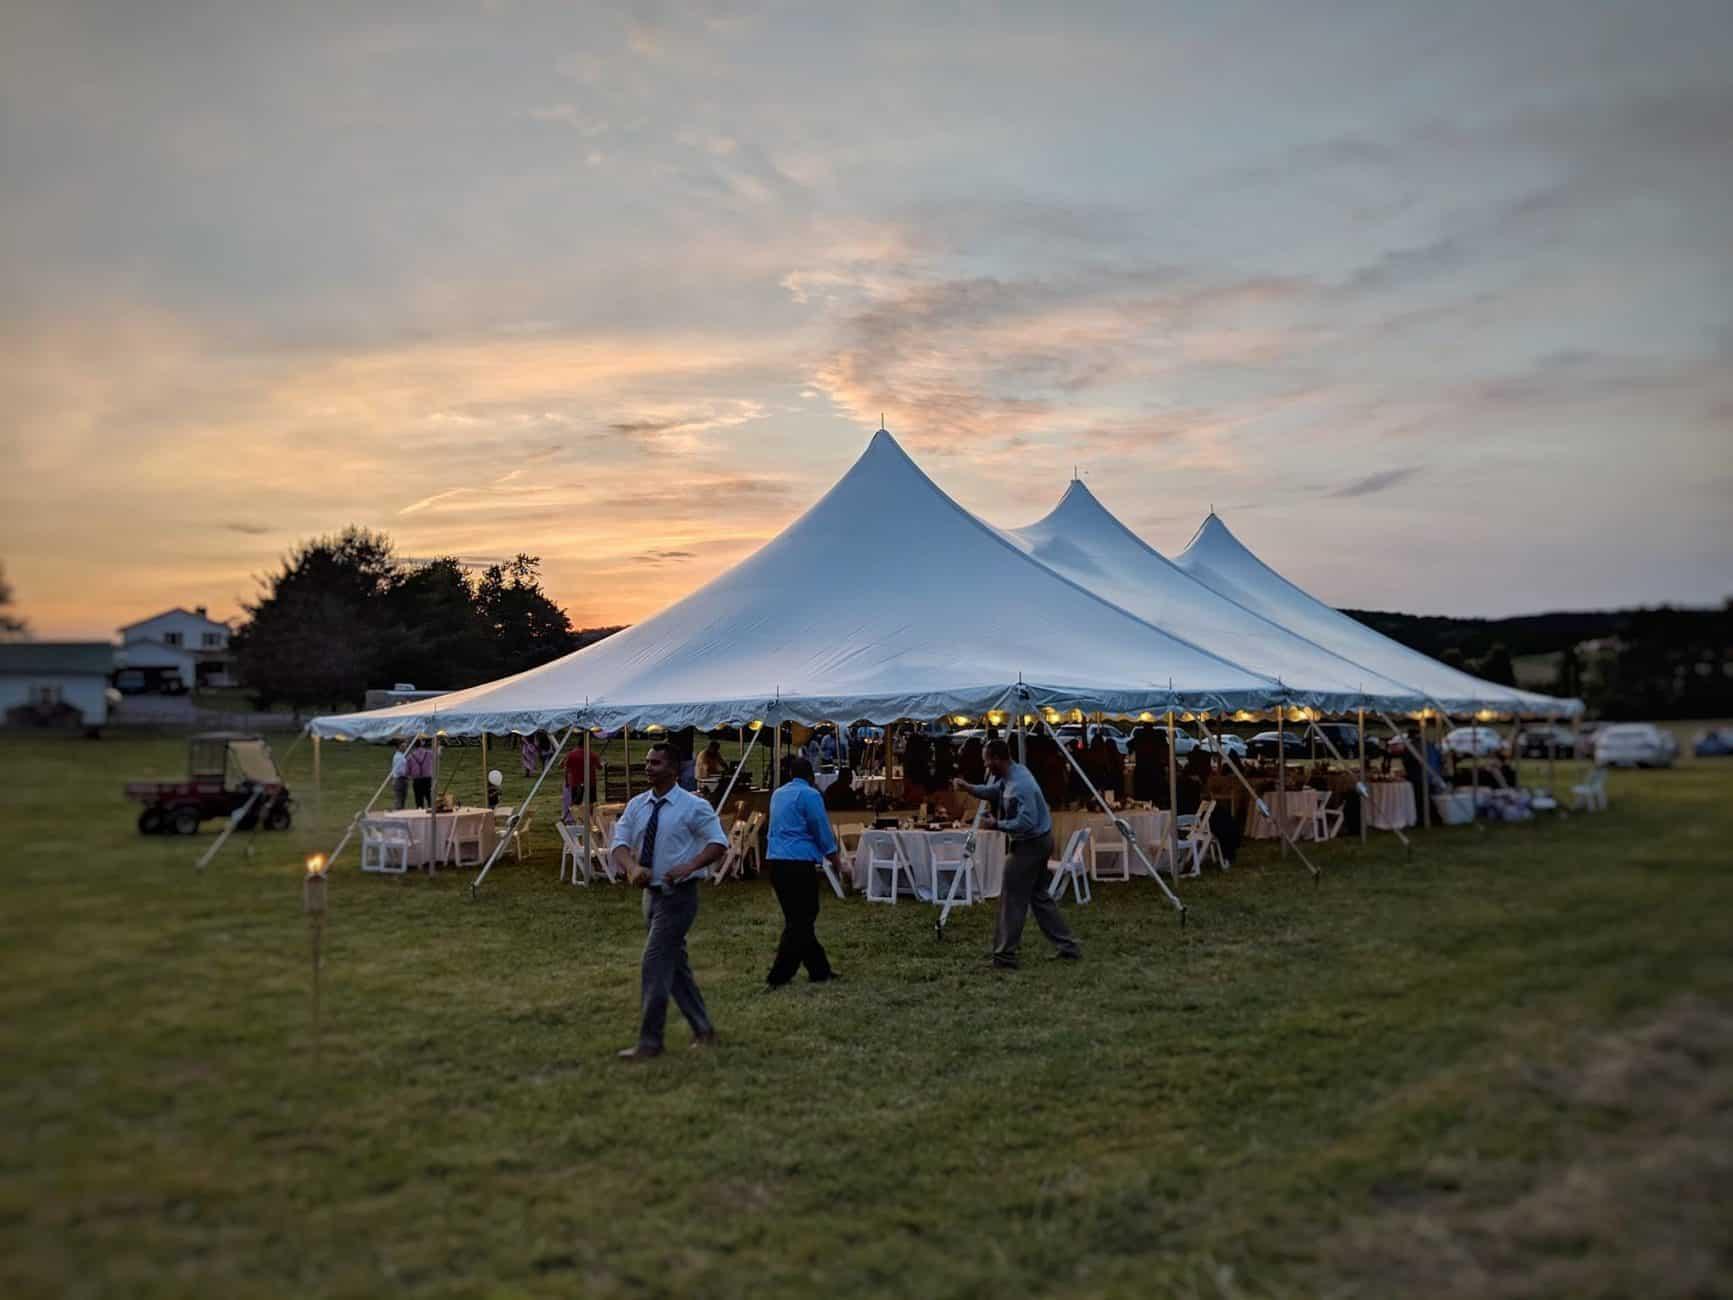 Party Rentals Hampstead Md Tent Rentals Dreamers Event